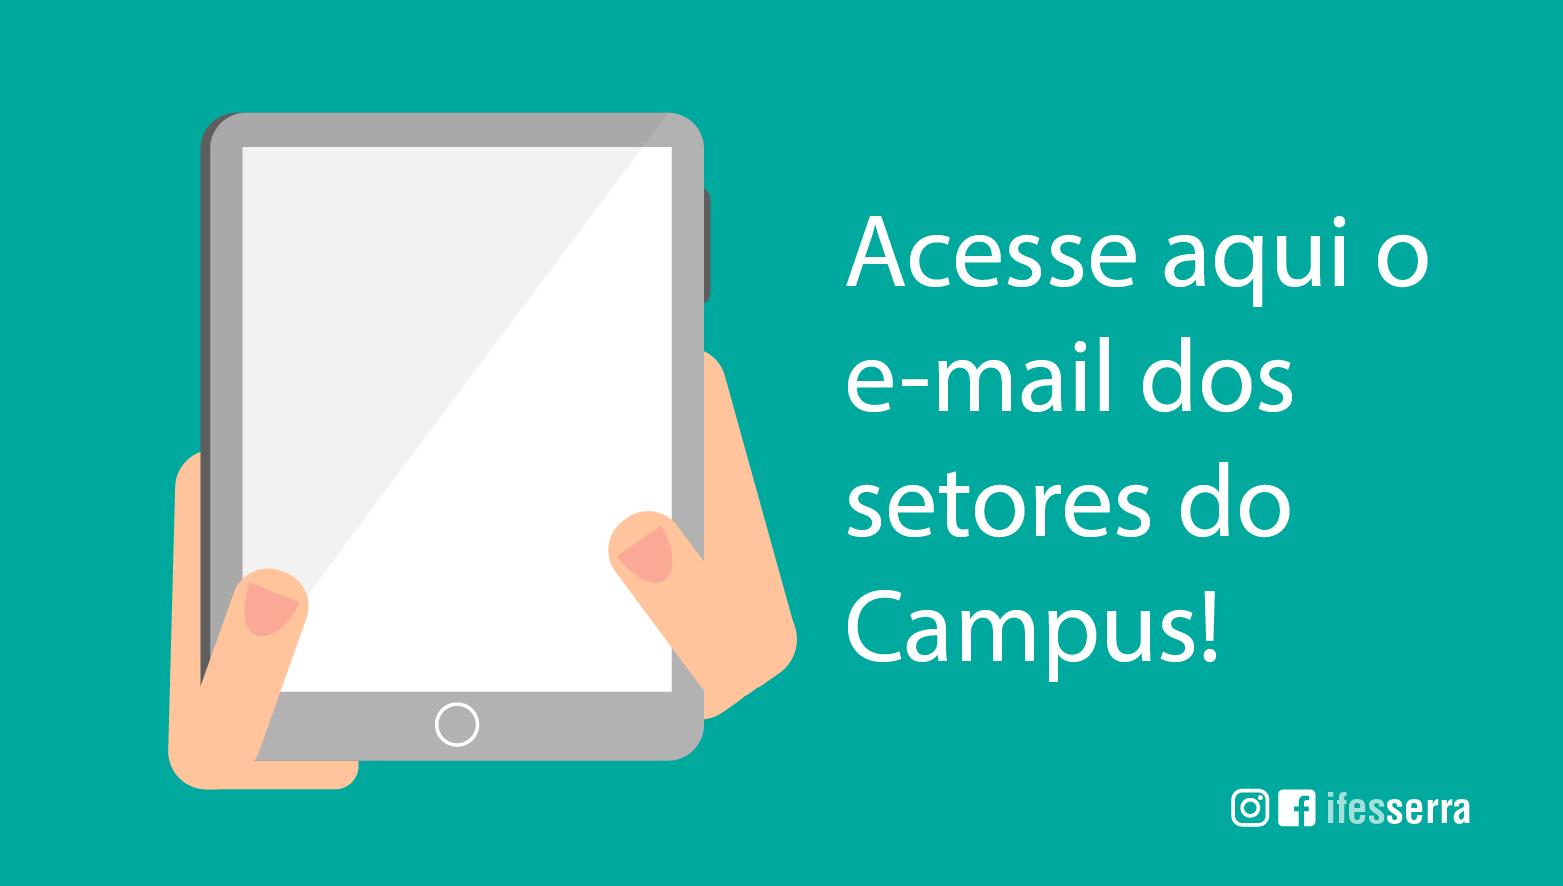 Acesse aqui o e-mail dos Setores do Campus